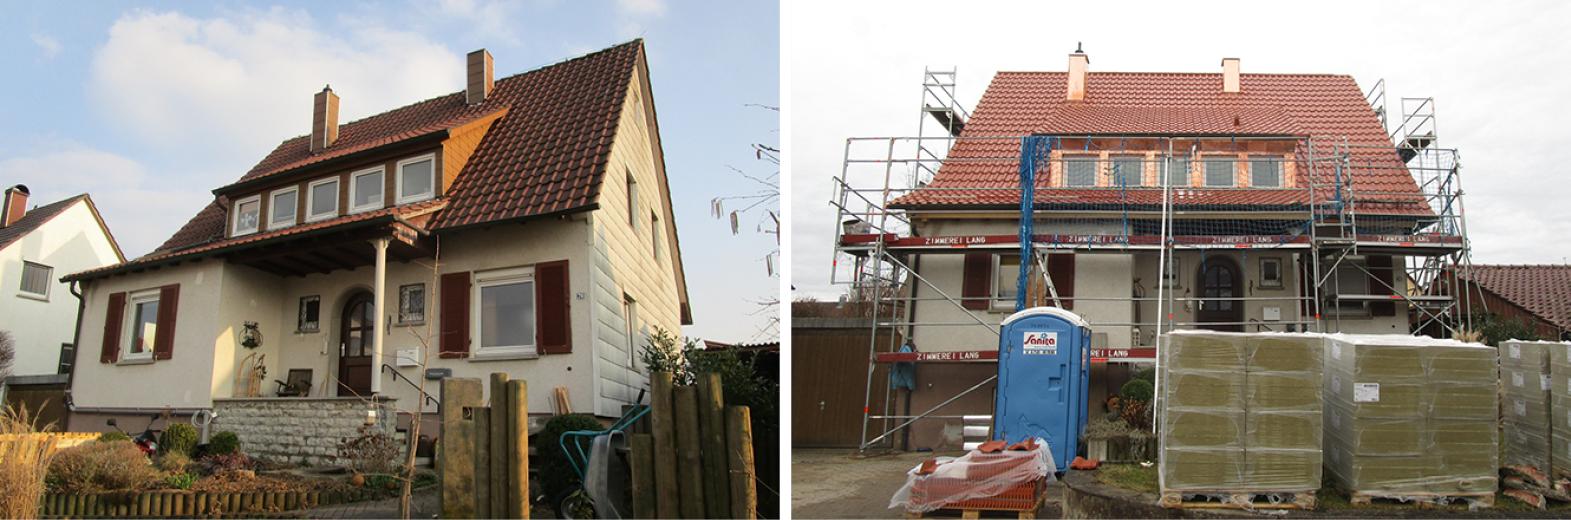 Komplette Dachsanierung mit neuem Raumkonzept